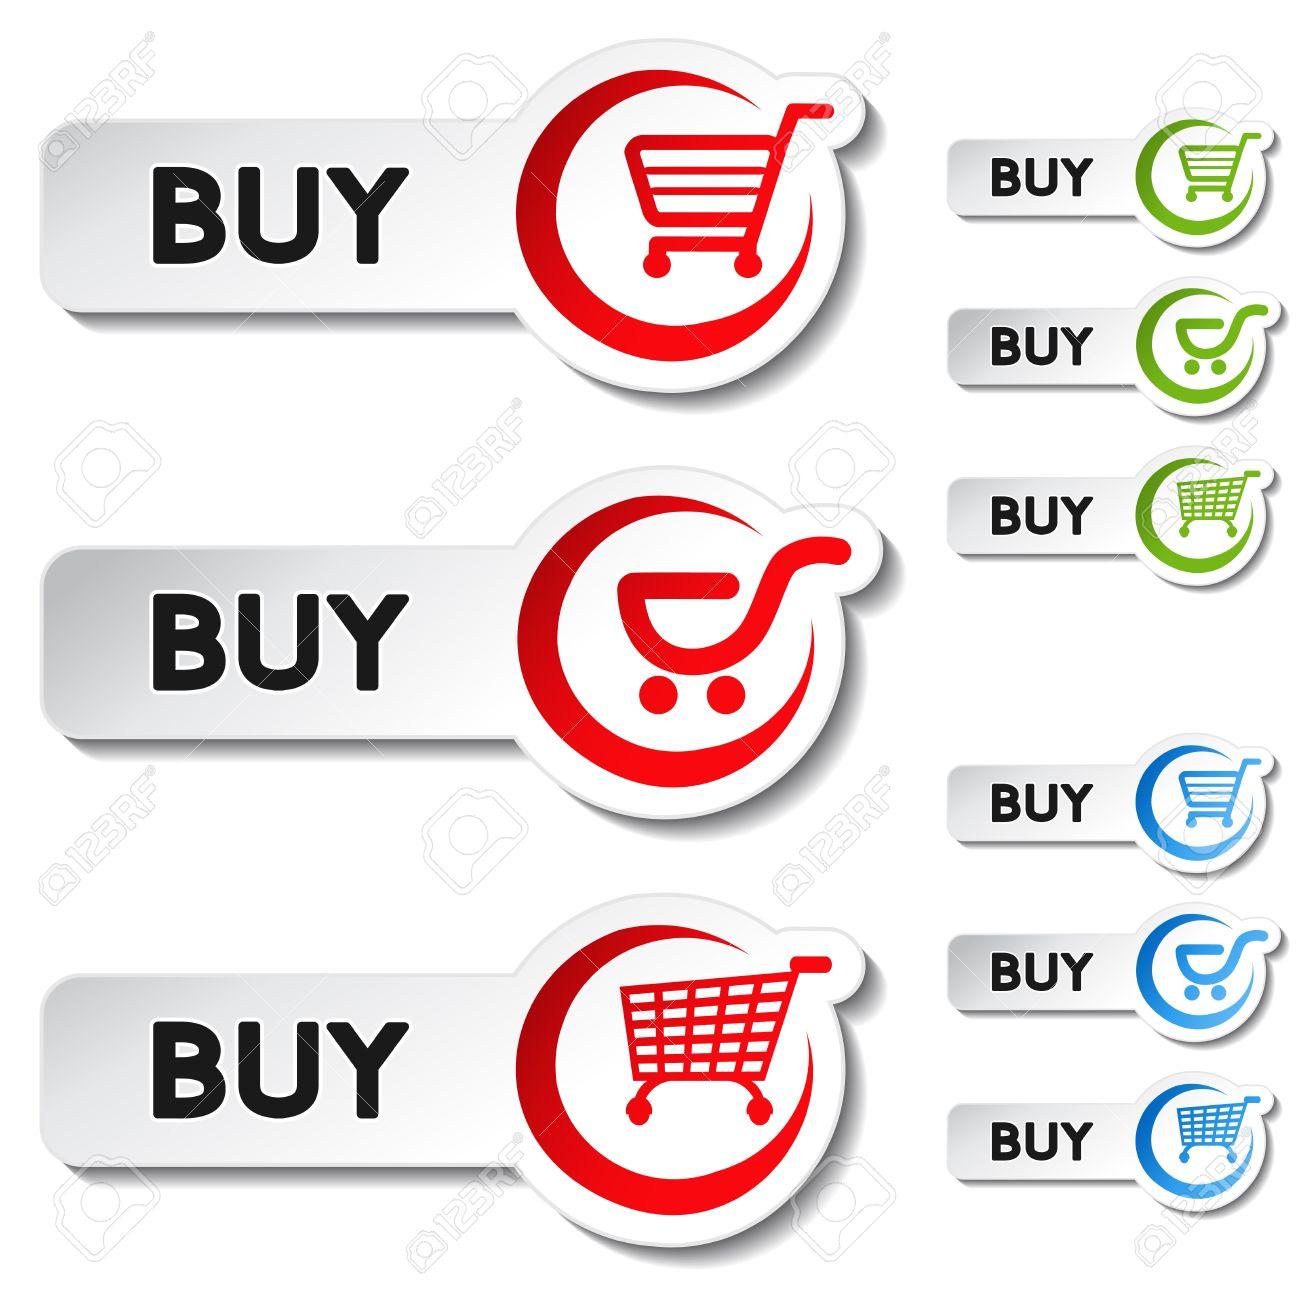 Vector shopping cart item - buy button Stock Vector - 11920387